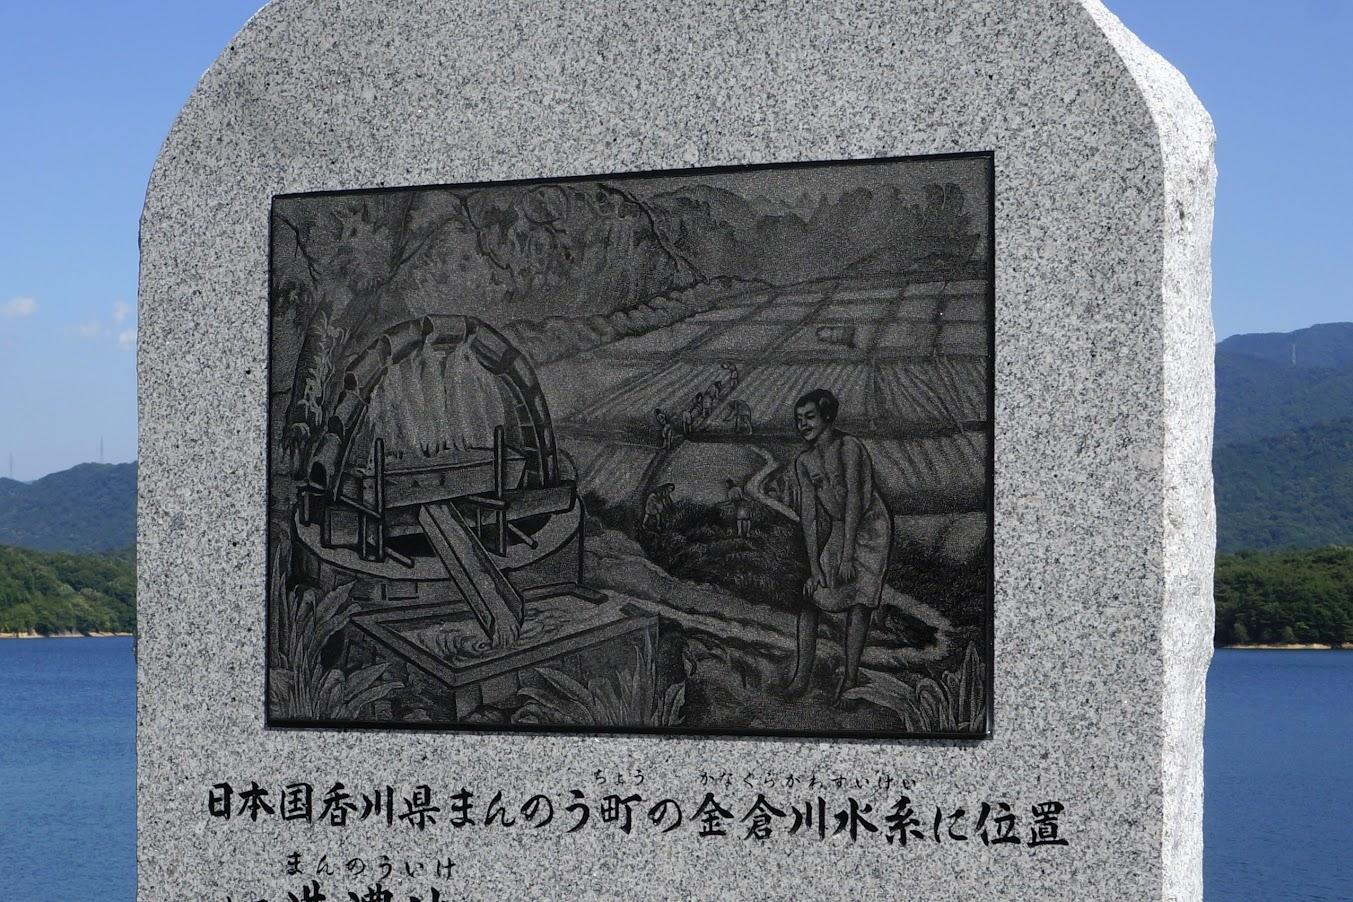 満濃池の石碑